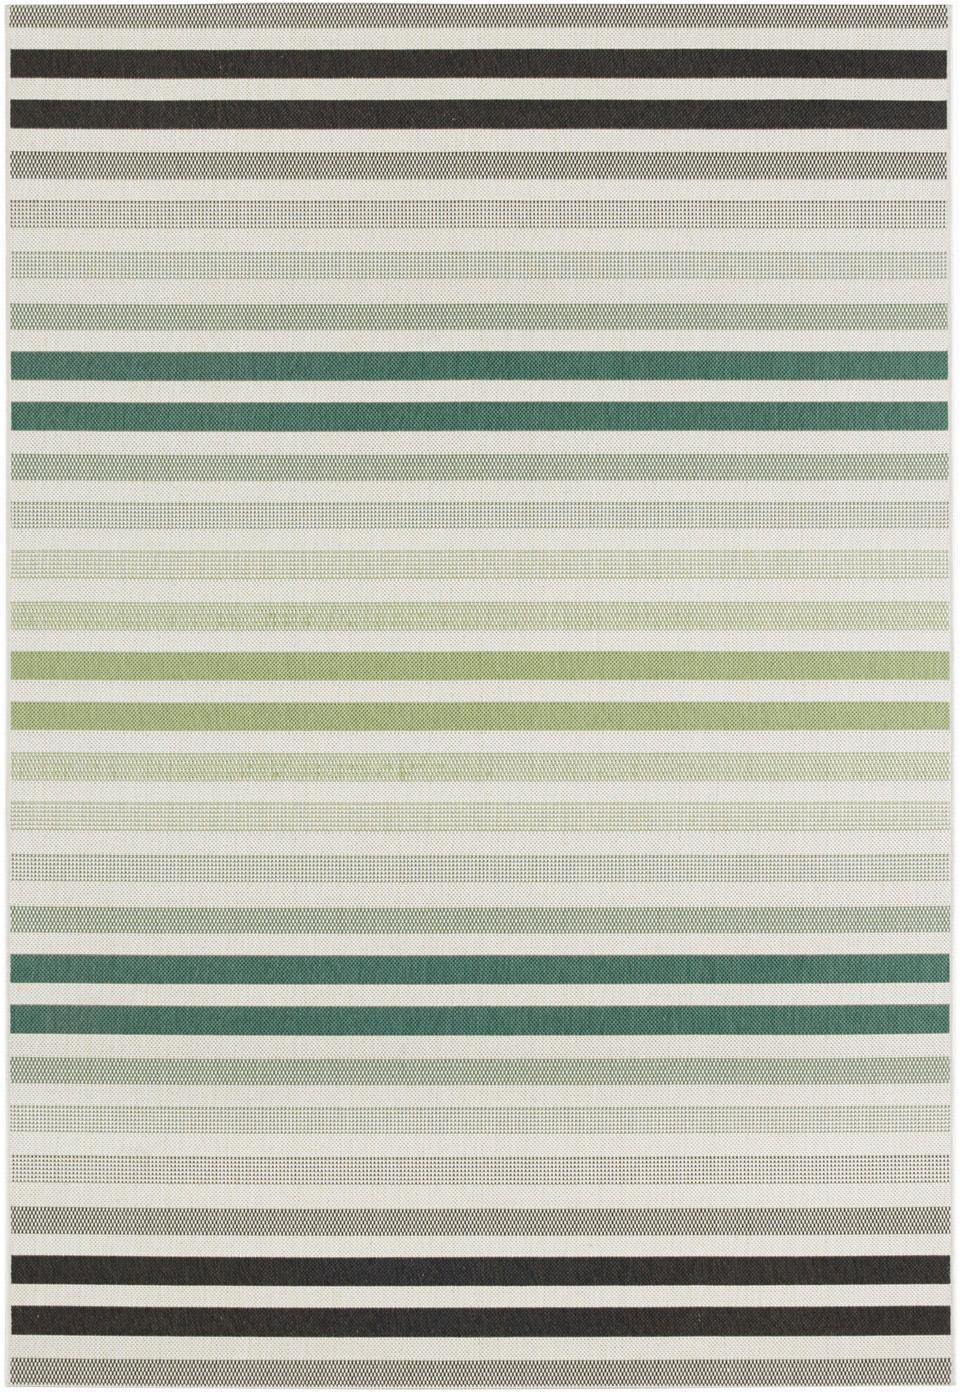 Gestreept in- en outdoor vloerkleed Paros, Polypropyleen, Groen, beige, antraciet, B 160 x L 230 cm (maat M)